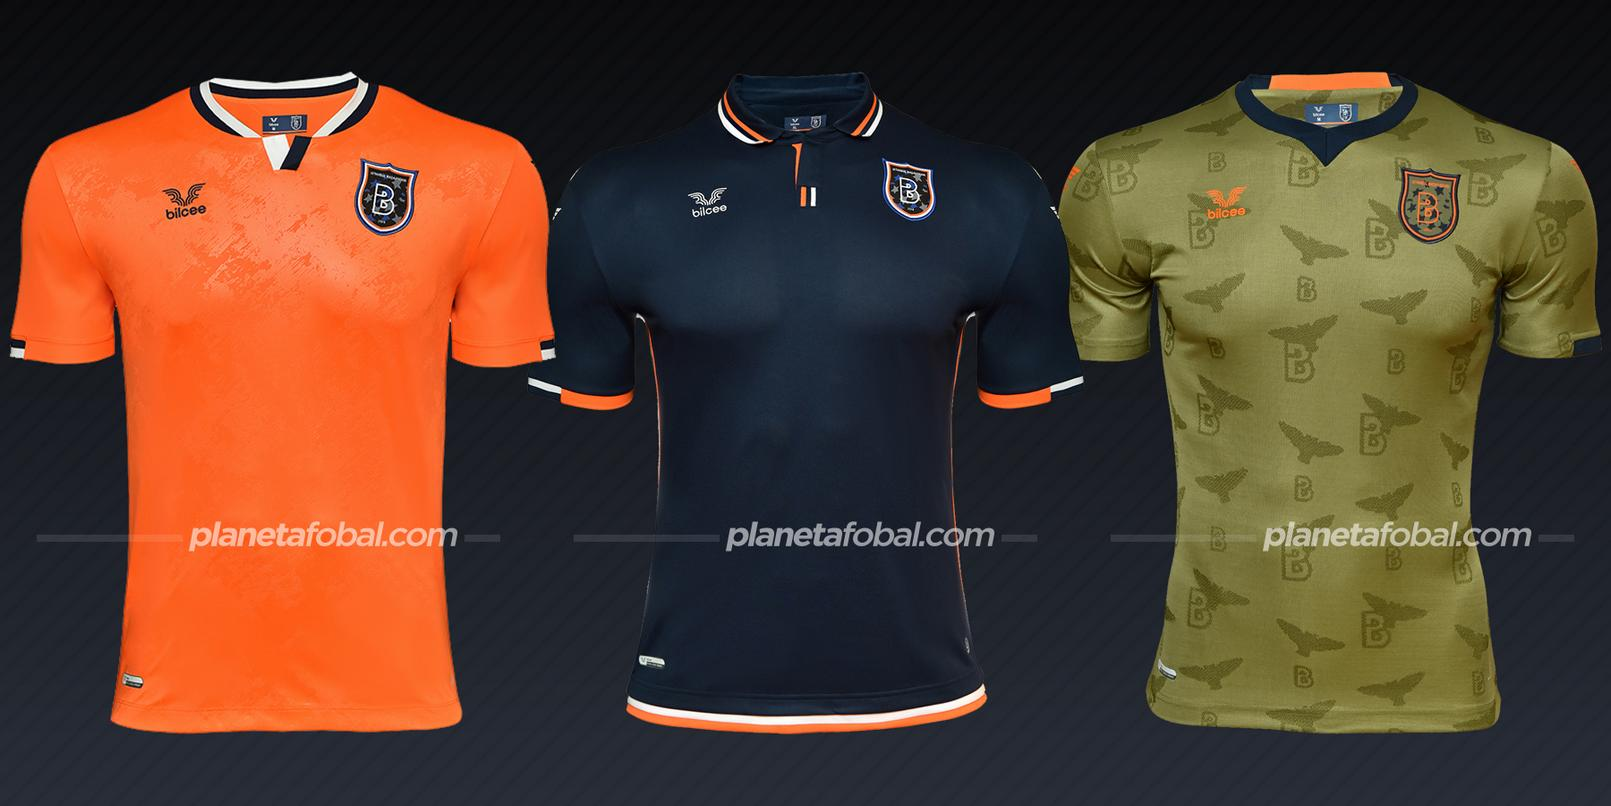 İstanbul Başakşehir (Bilcee) | Camisetas de la Champions League 2020/2021